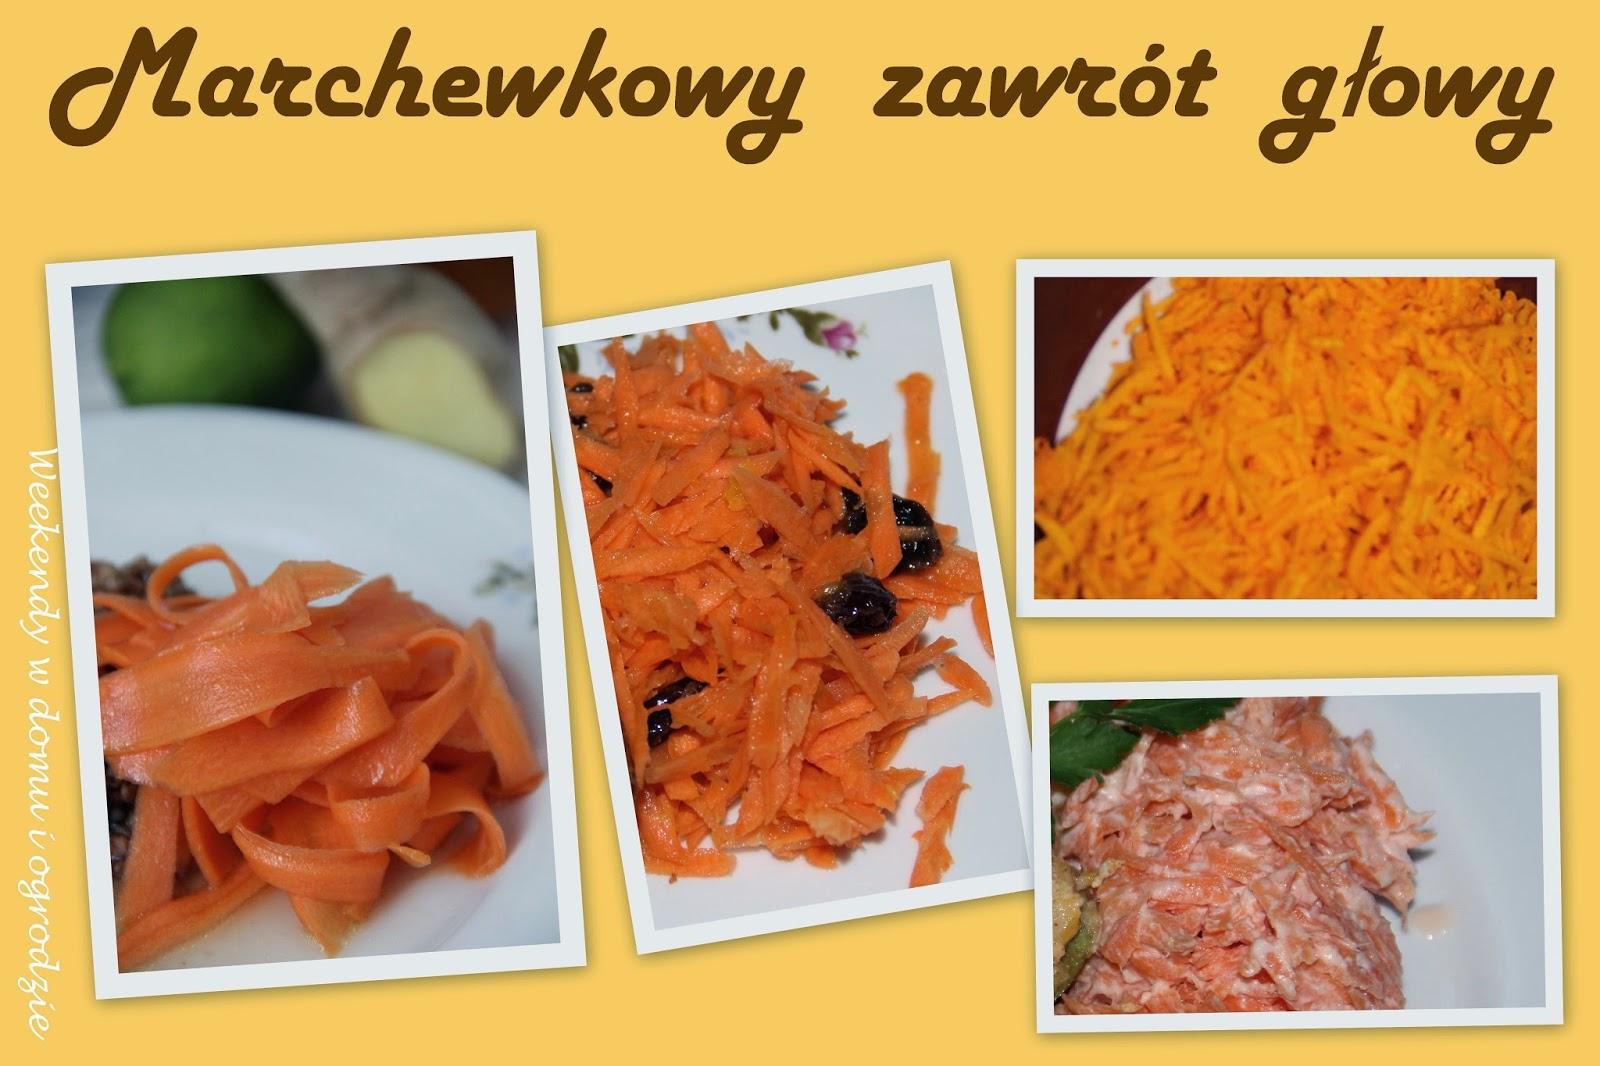 http://weekendywdomuiogrodzie.blogspot.com/2015/04/zaproszenie-do-akcji-marchewkowy-zawrot.html